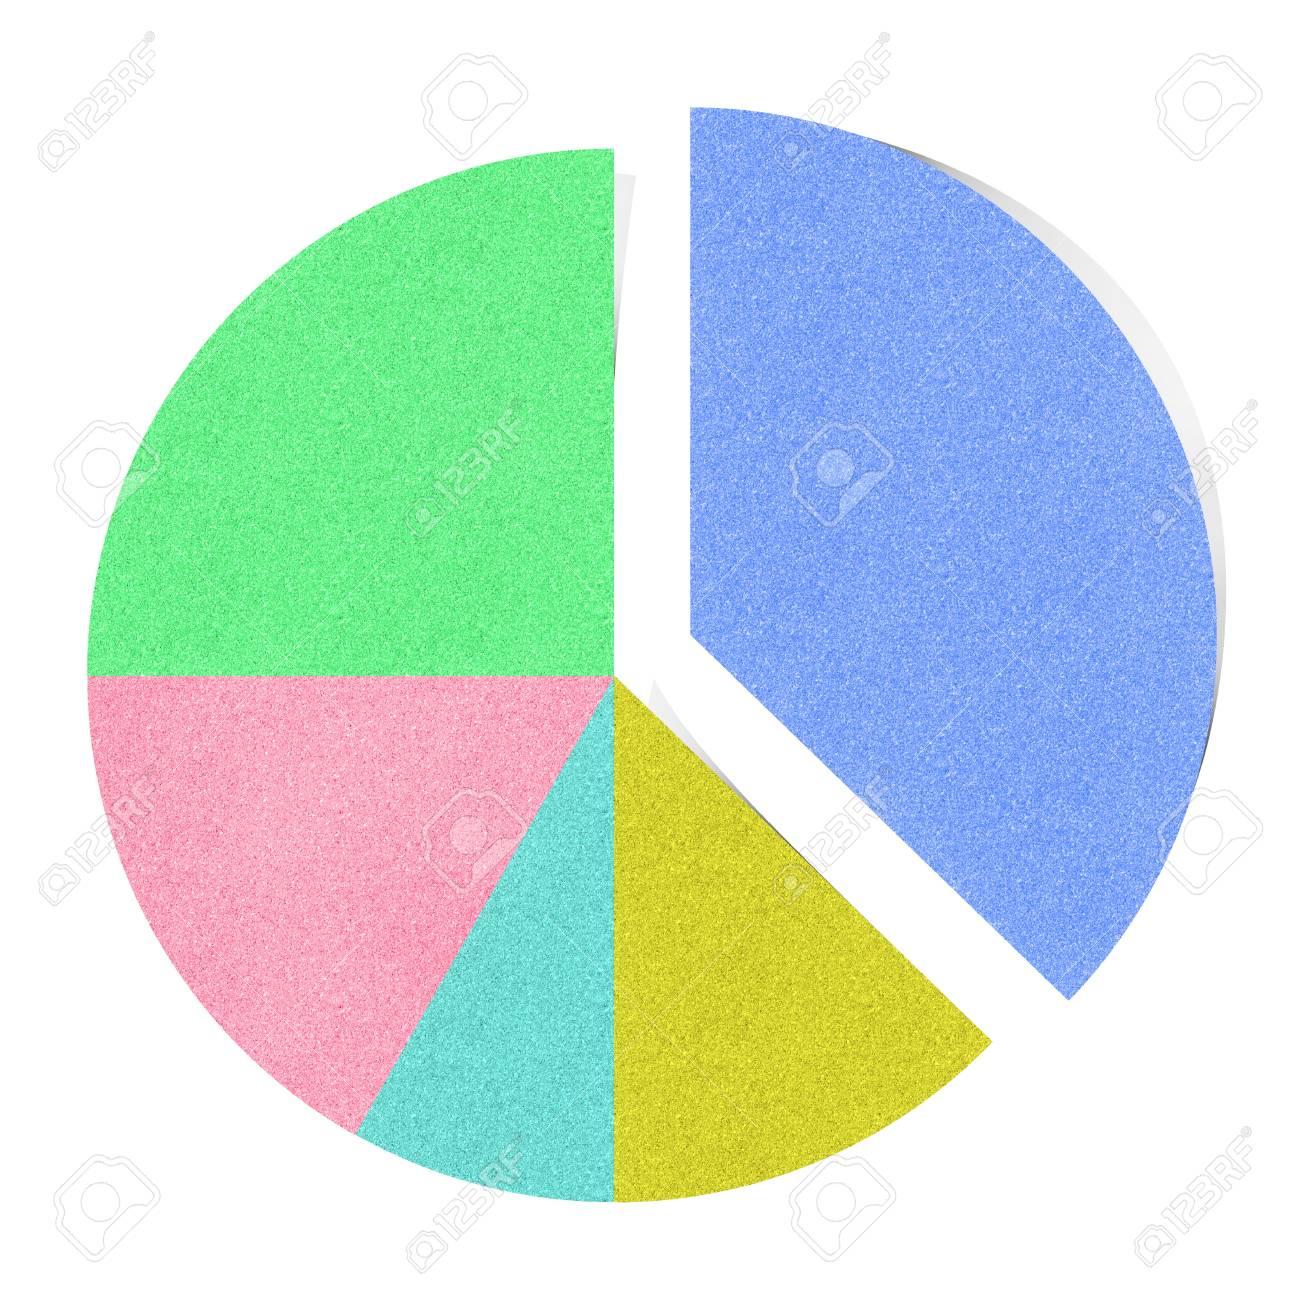 Bunte Grafik Grafik Kuchen Handwerk Von Kork Bord Auf Weiß ...